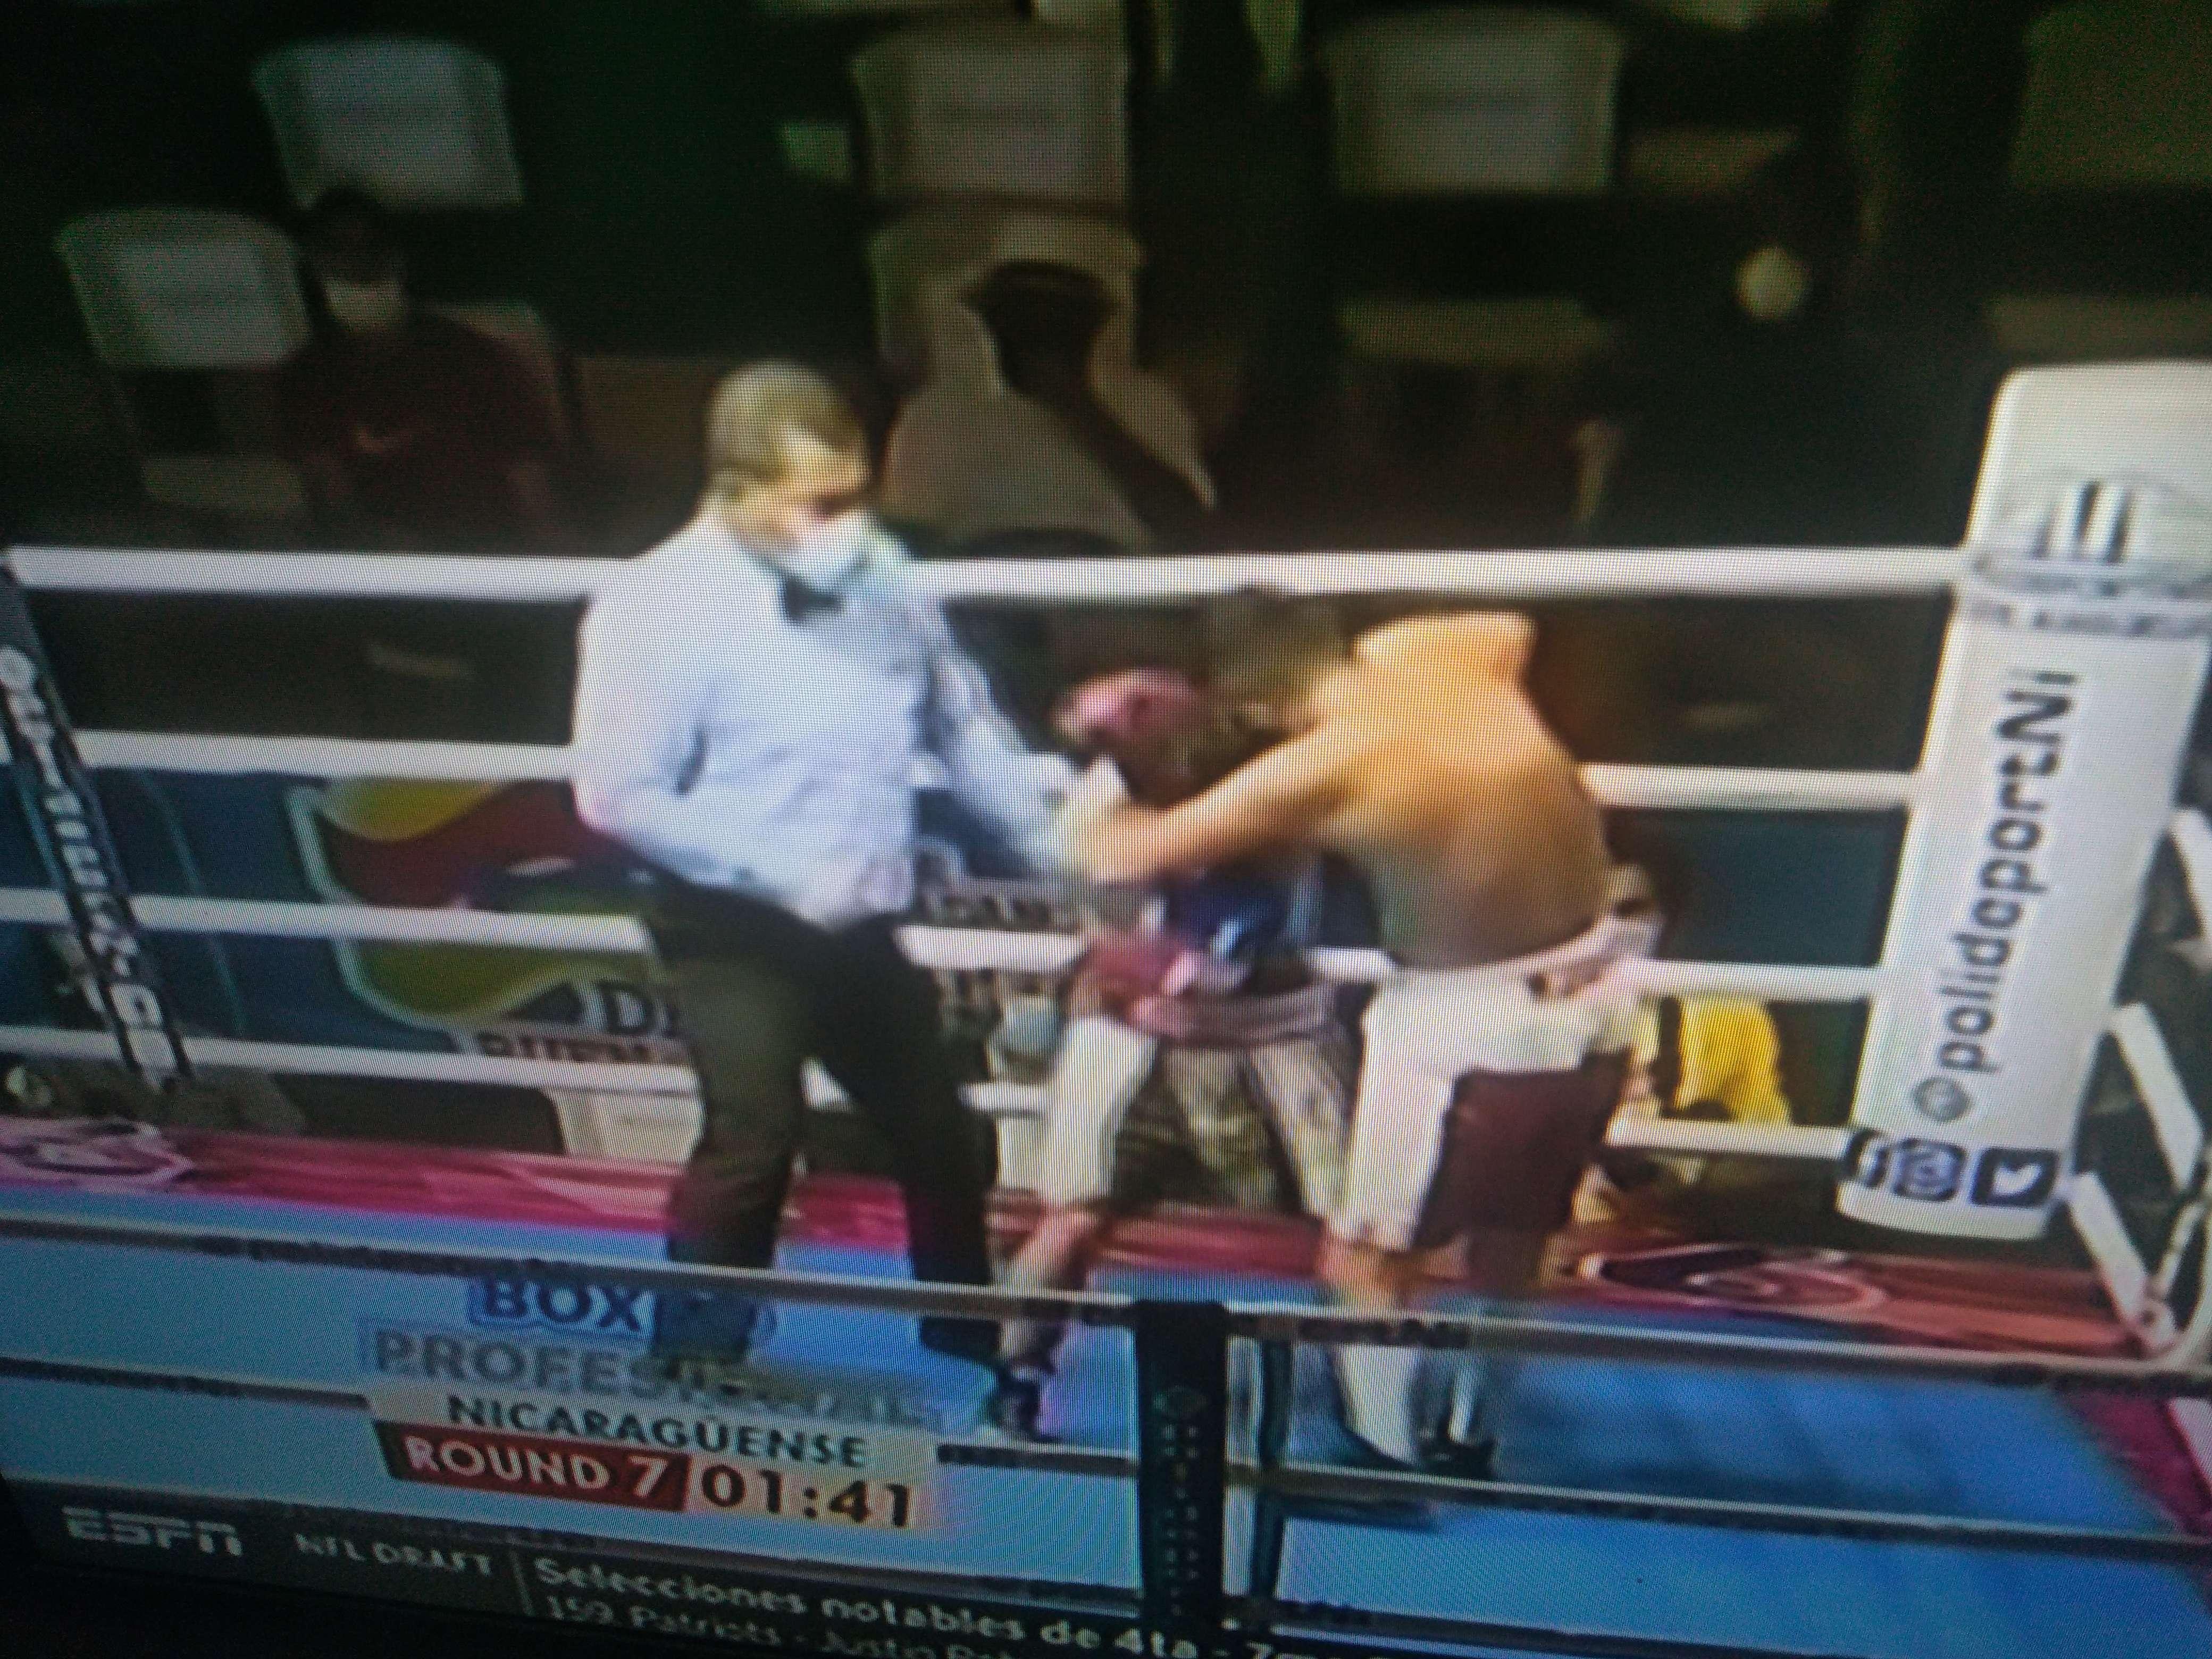 El pasado sábado ya se efectuó una función de boxeo en la ciudad de Managua.